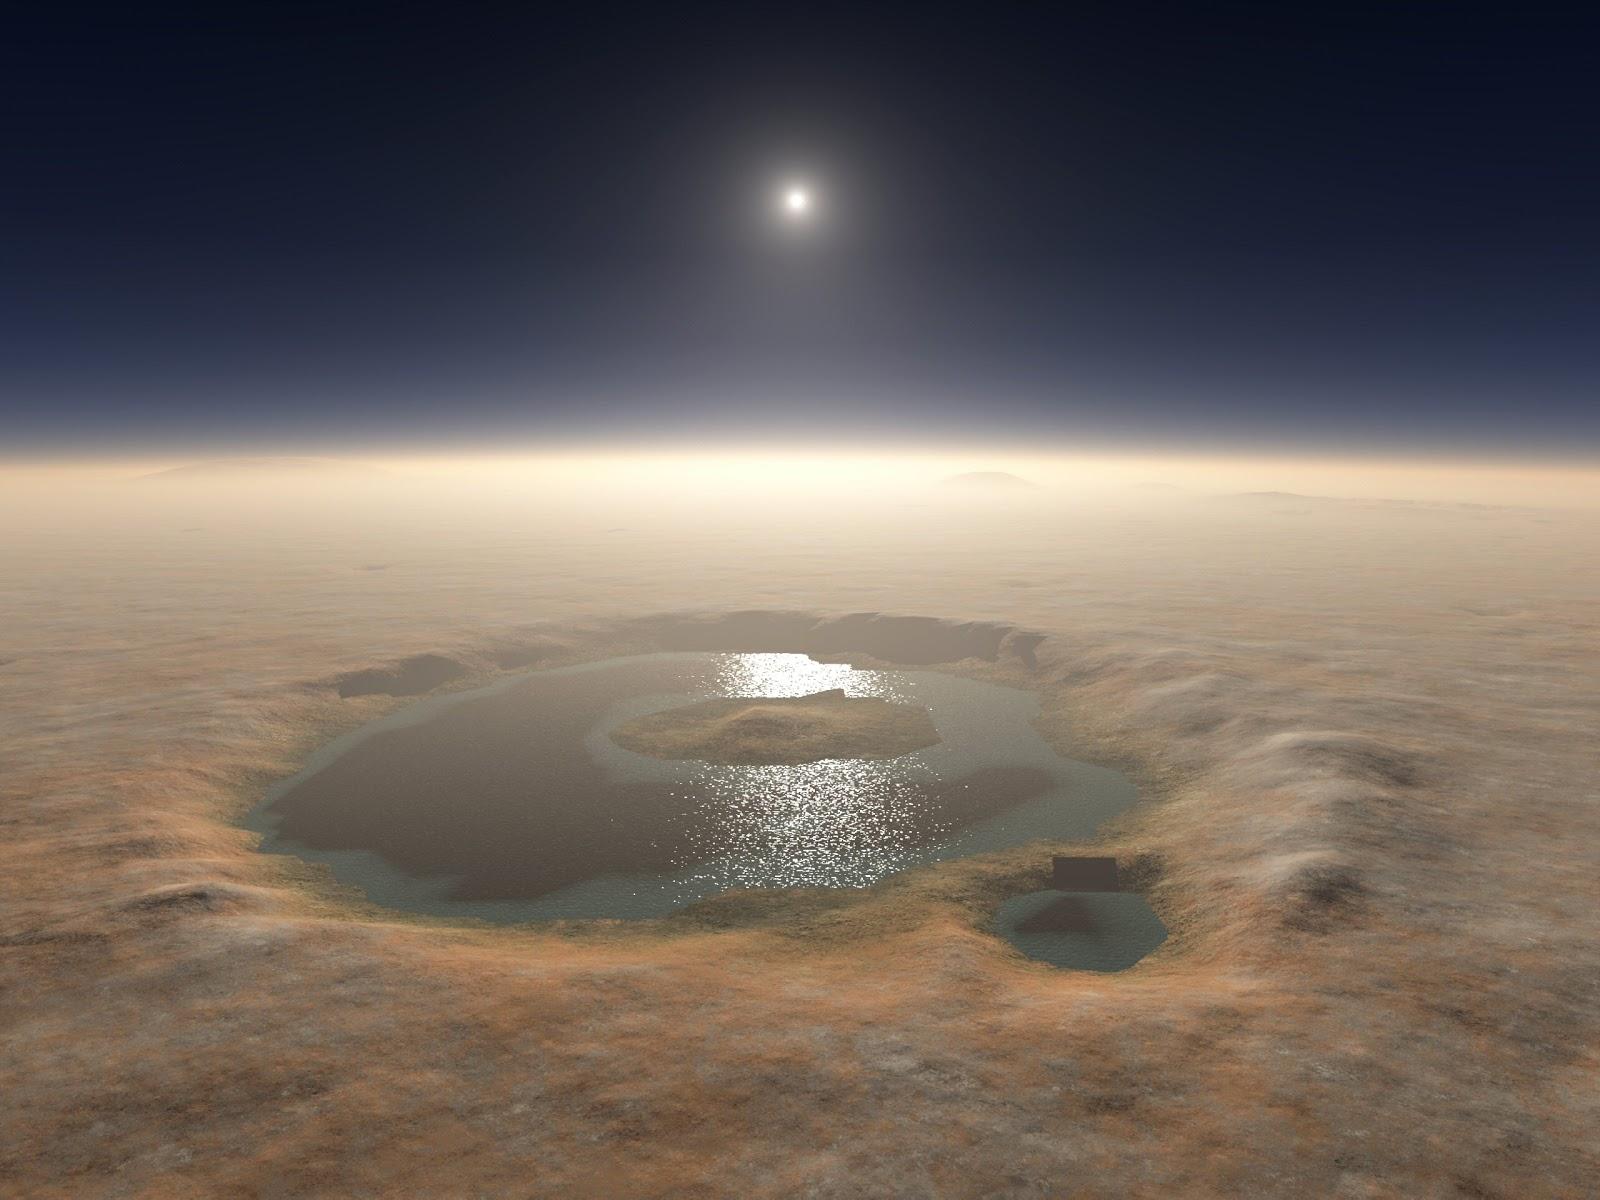 Mars has Flowing Water